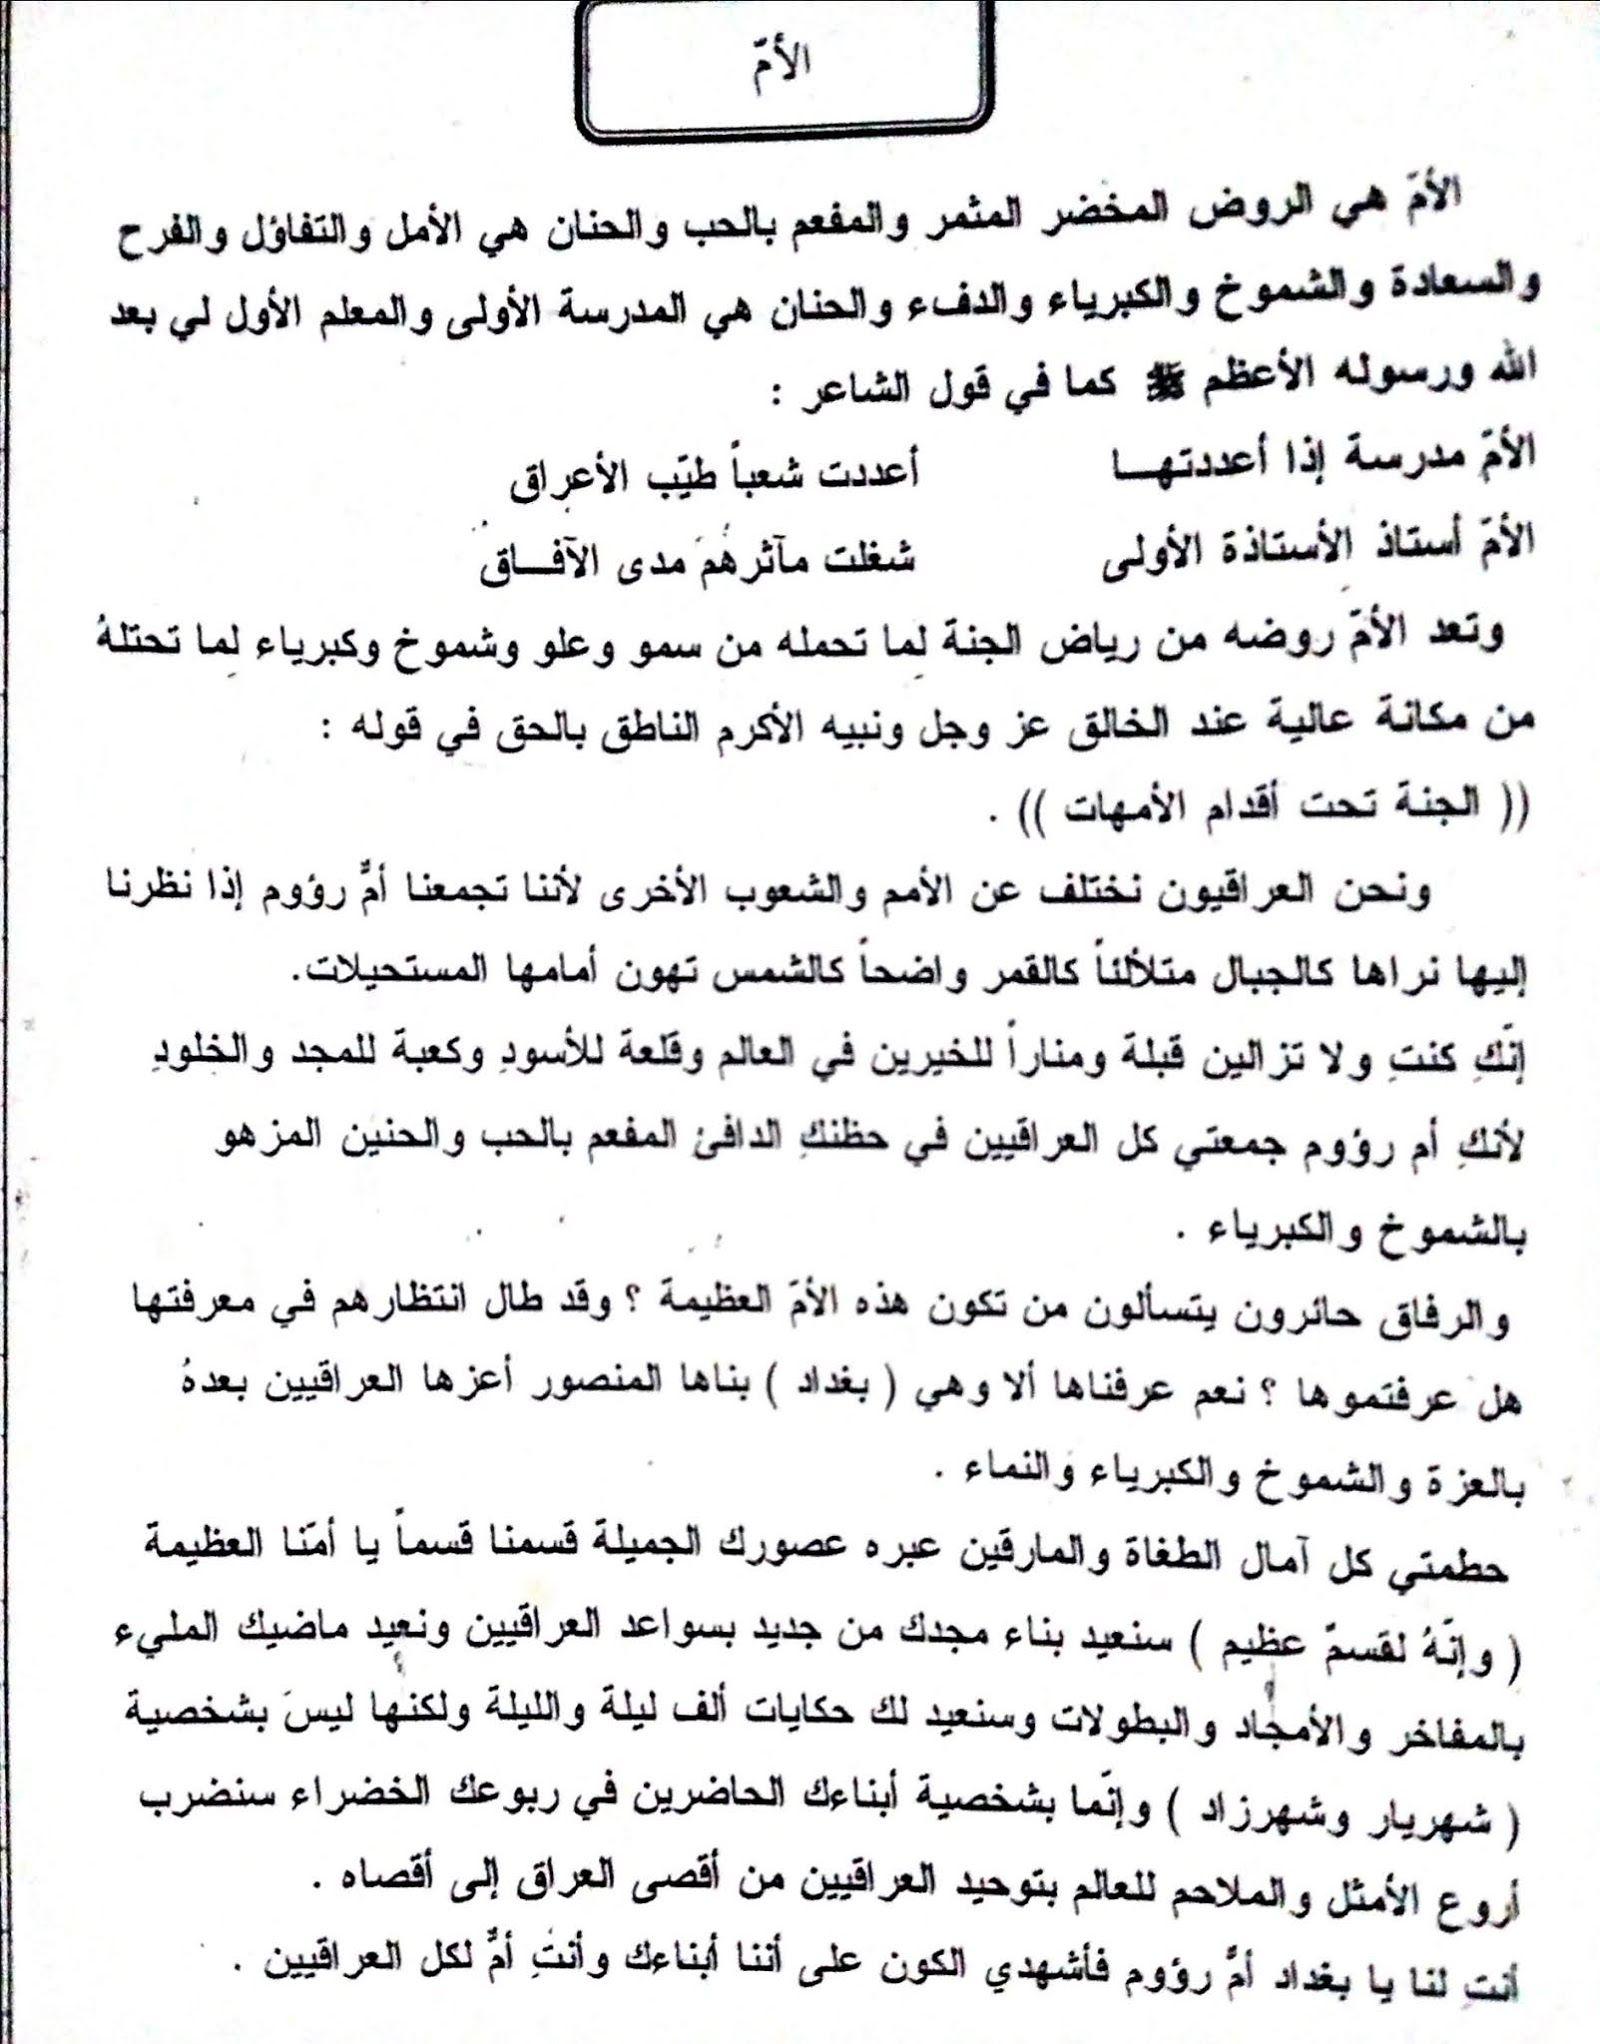 انشاء عن الام لطالب المدرسة انشاء عربي الام اهلا بكم متابعي موقع وقناة الاستاذ احمد مهدي شلال في هذا الموضوع سنعرض لكم شرح كامل عن انش In 2021 Math Blog Posts Blog